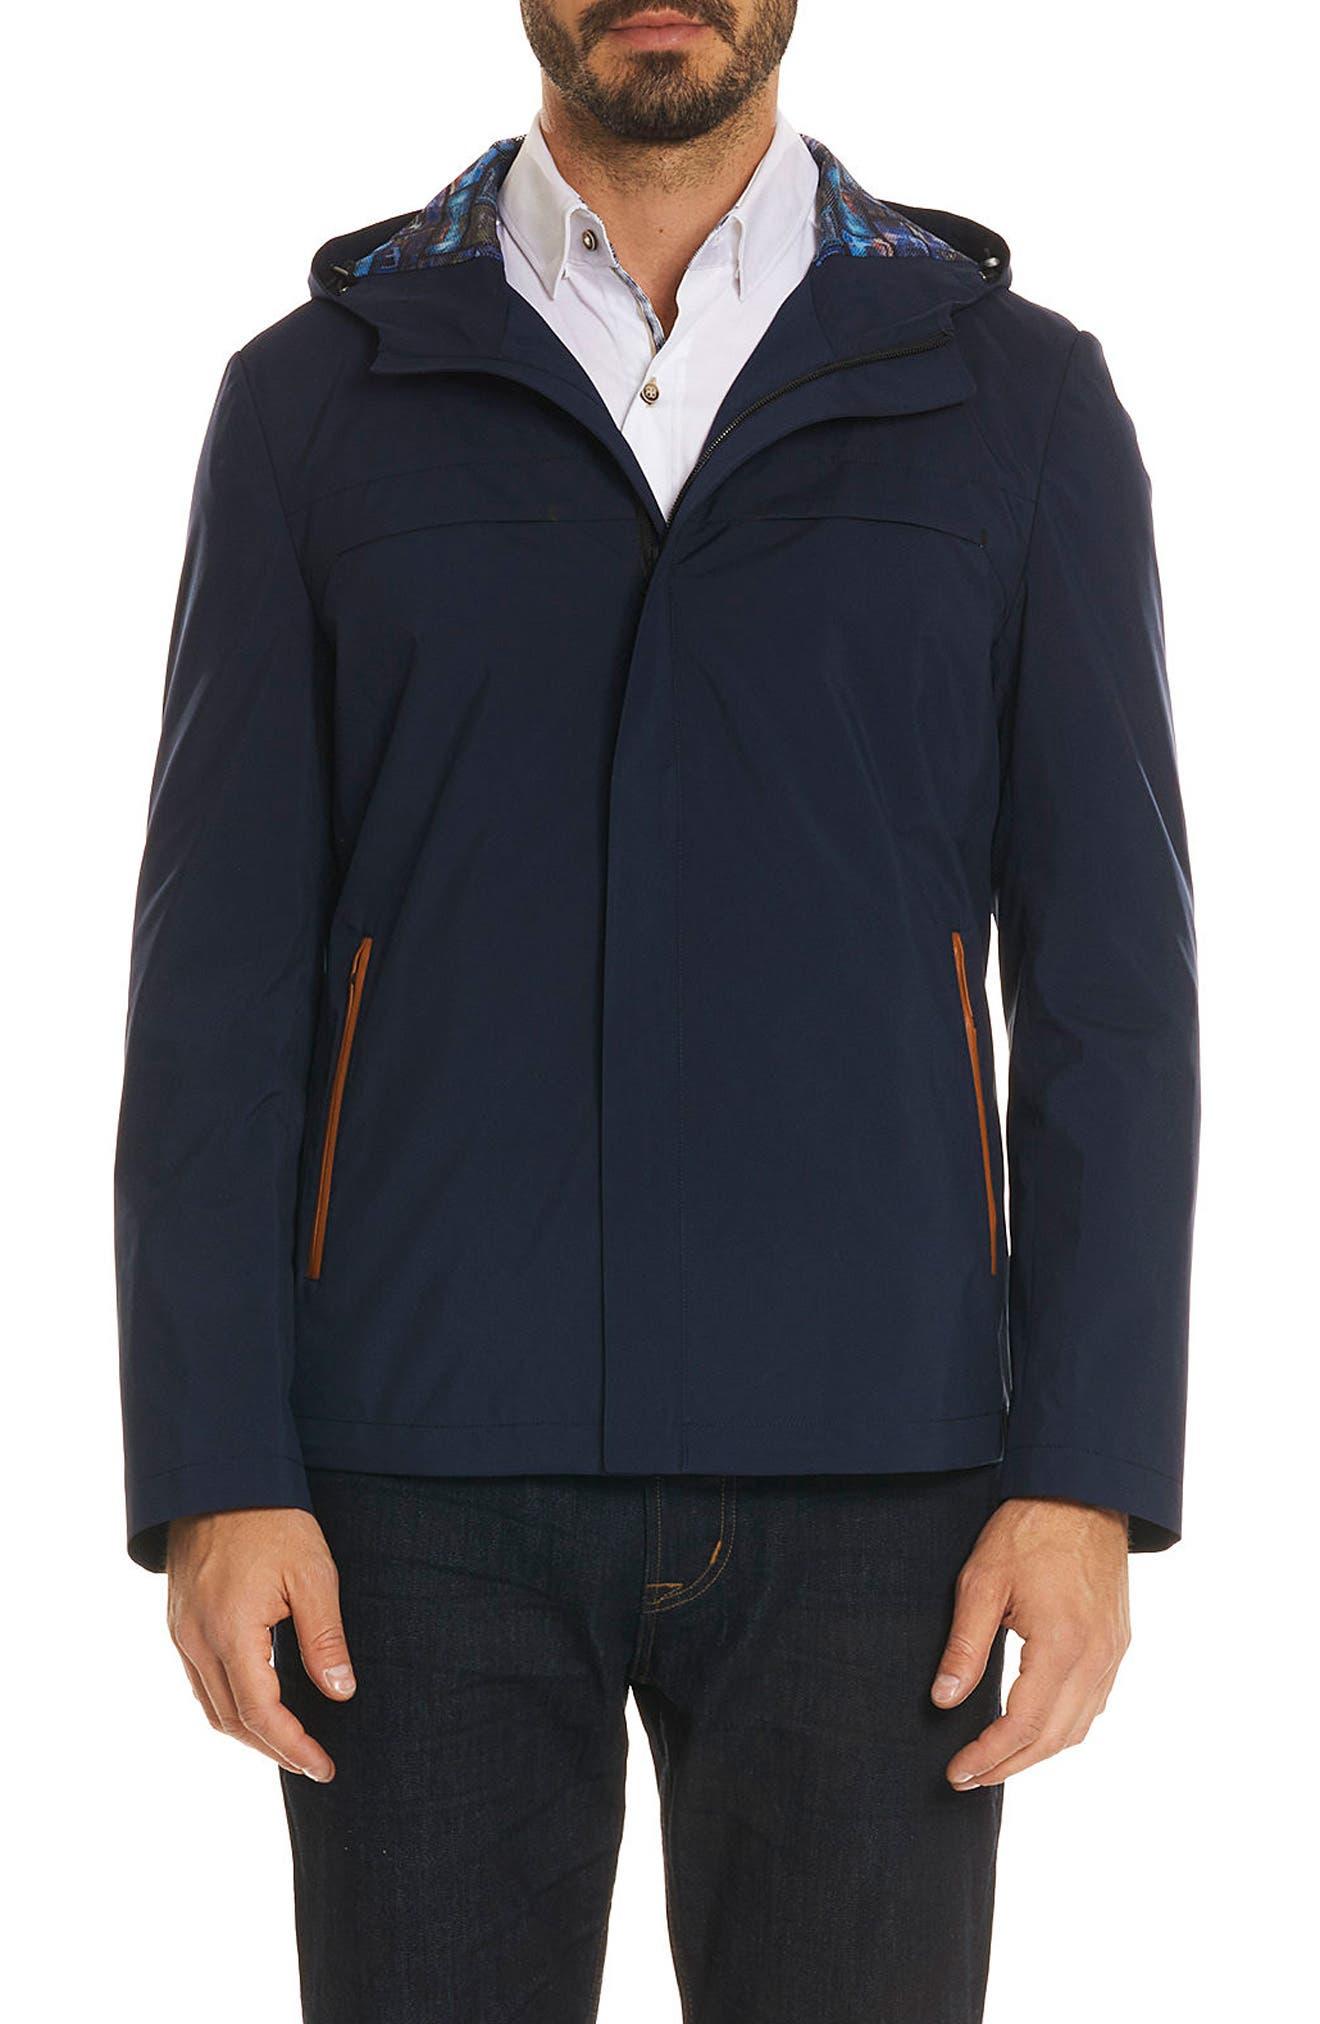 Grafton Jacket,                             Main thumbnail 1, color,                             Navy